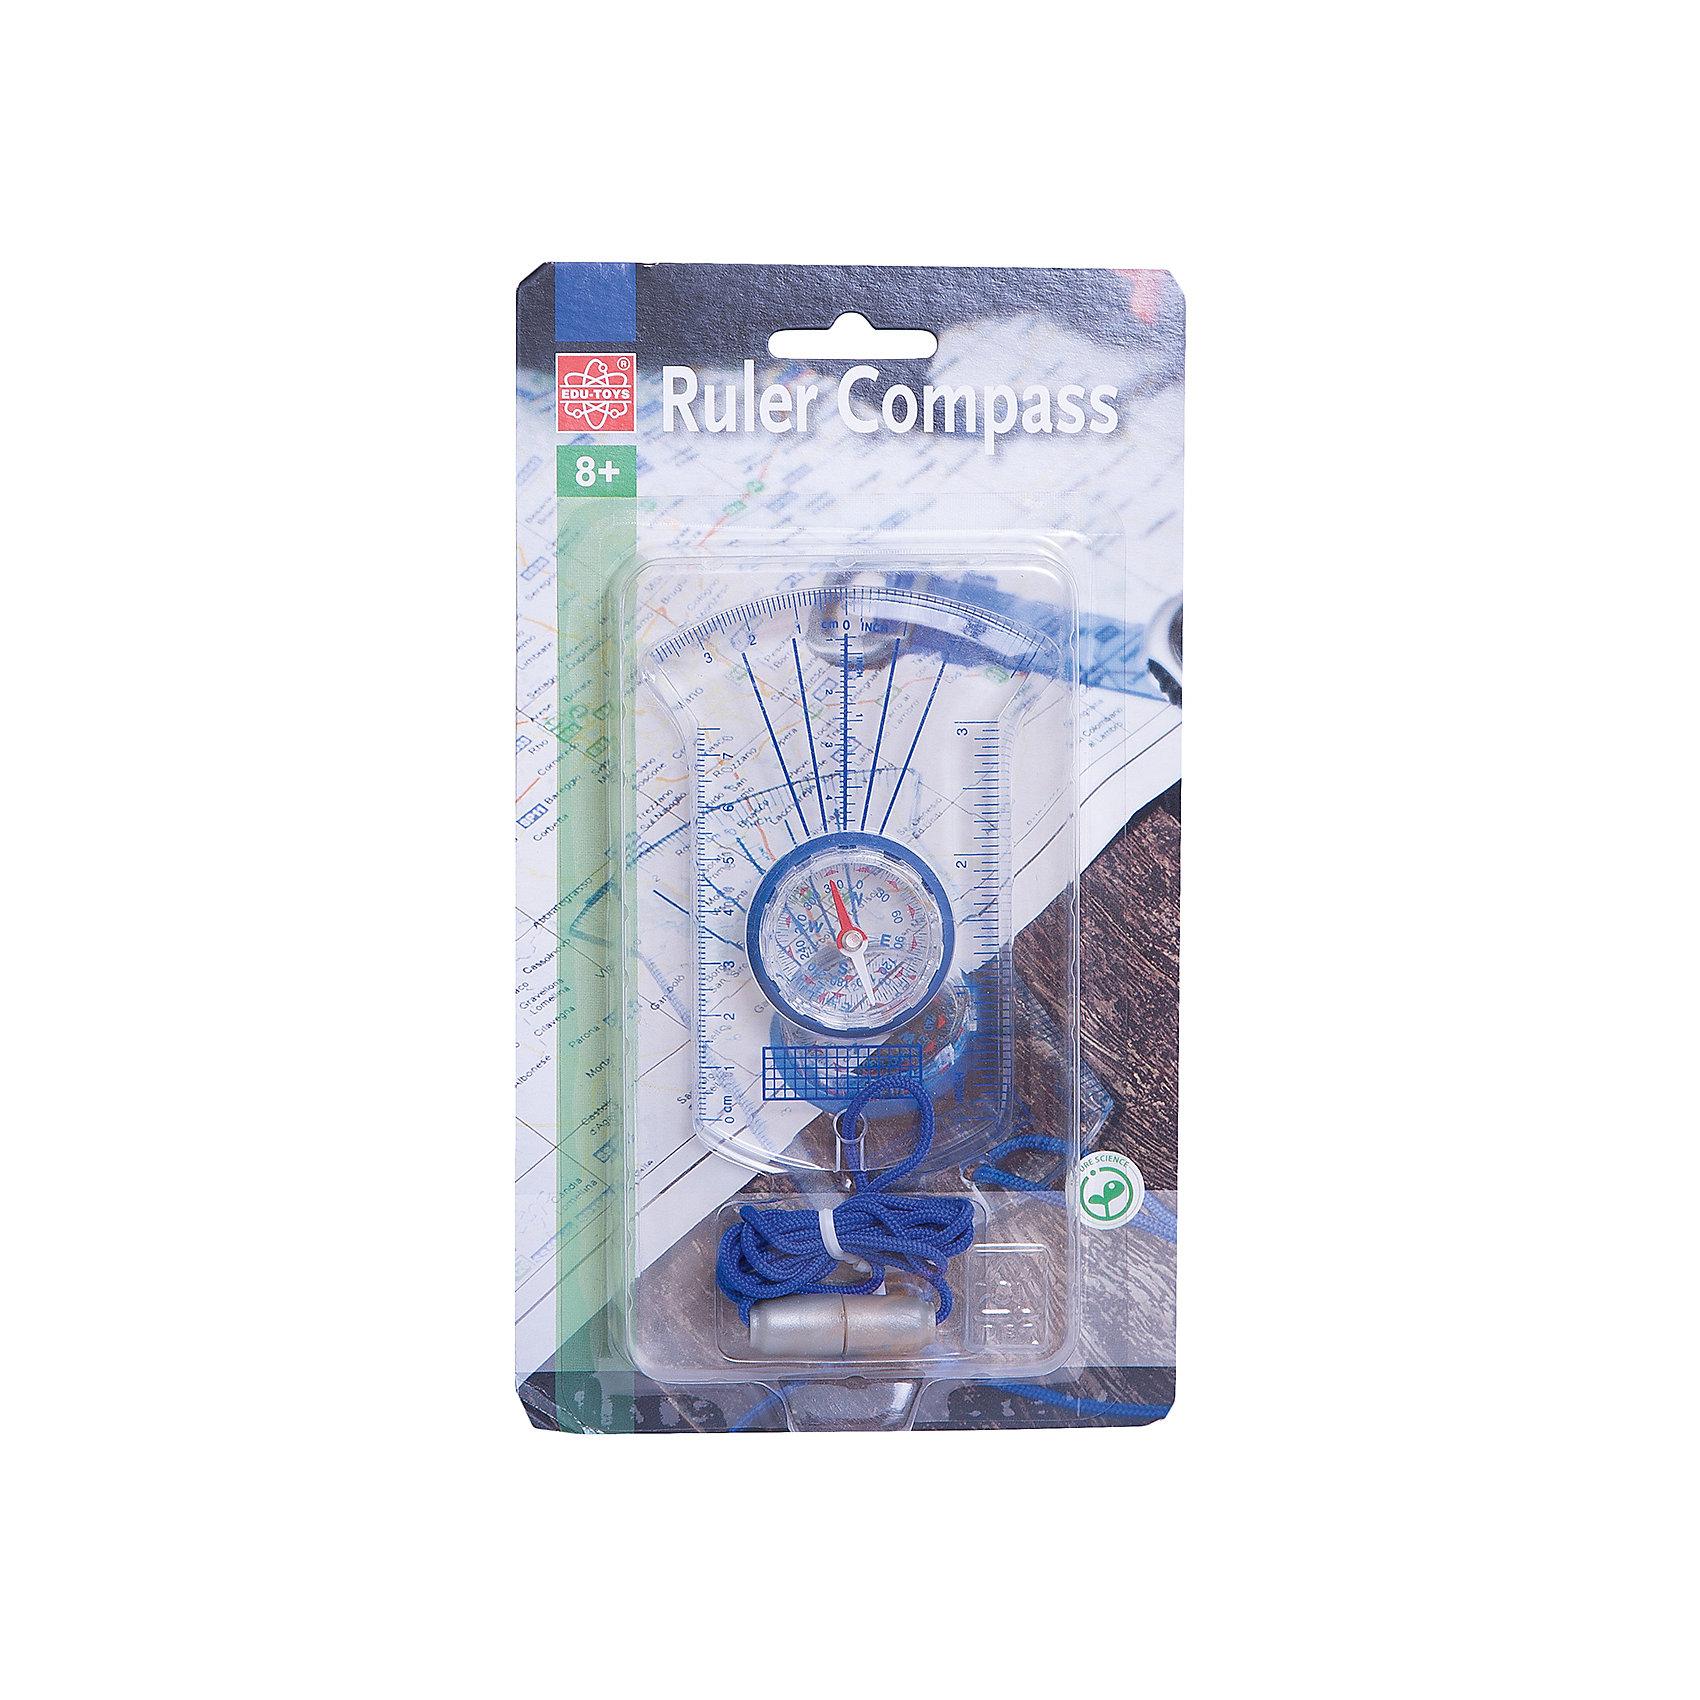 Обучающий набор с компасом, Edu-ToysЭксперименты и опыты<br>Обучающий набор, Edu-Toys, научит маленького путешественника ориентироваться по компасу, определять расстояние и пользоваться картой. Набор представляет из себя планшет с прозрачным пластиковым корпусом и совмещает детский компас и различные измерительные линейки для топографических карт. У линеек  два значения - дюймы и сантиметры. Используя компас ребенок быстро научится определять направление и стороны света, а линейки помогут измерить по карте расстояние до цели. Имеется удобный шнурок для ношения на шее.<br><br>Дополнительная информация:<br><br>- Материал: пластик.<br>- Размер: 13 х 0,5 х 25 см.<br>- Вес: 80 гр.<br><br>Обучающий набор, Edu-Toys, можно купить в нашем интернет-магазине.<br><br>Ширина мм: 225<br>Глубина мм: 128<br>Высота мм: 23<br>Вес г: 59<br>Возраст от месяцев: 96<br>Возраст до месяцев: 144<br>Пол: Унисекс<br>Возраст: Детский<br>SKU: 4013721